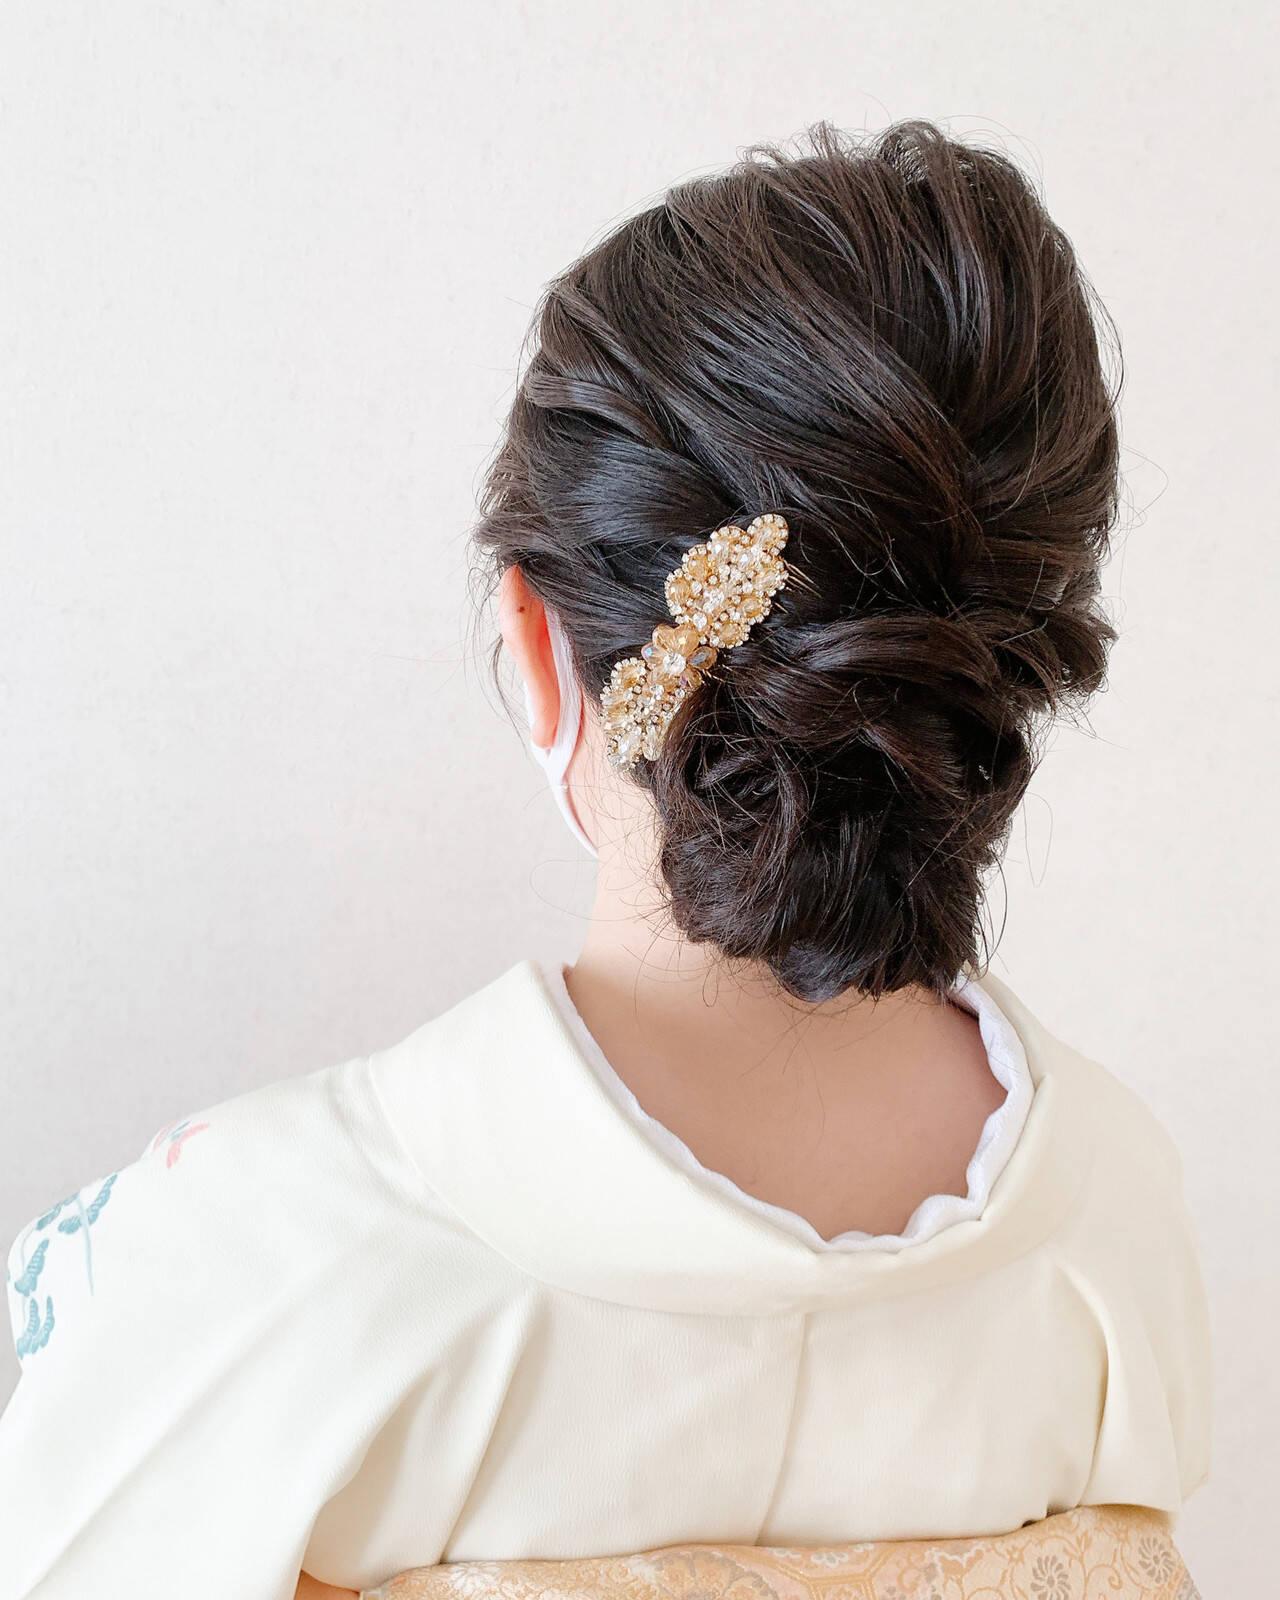 ミディアム 着物 エレガント 和装ヘアヘアスタイルや髪型の写真・画像